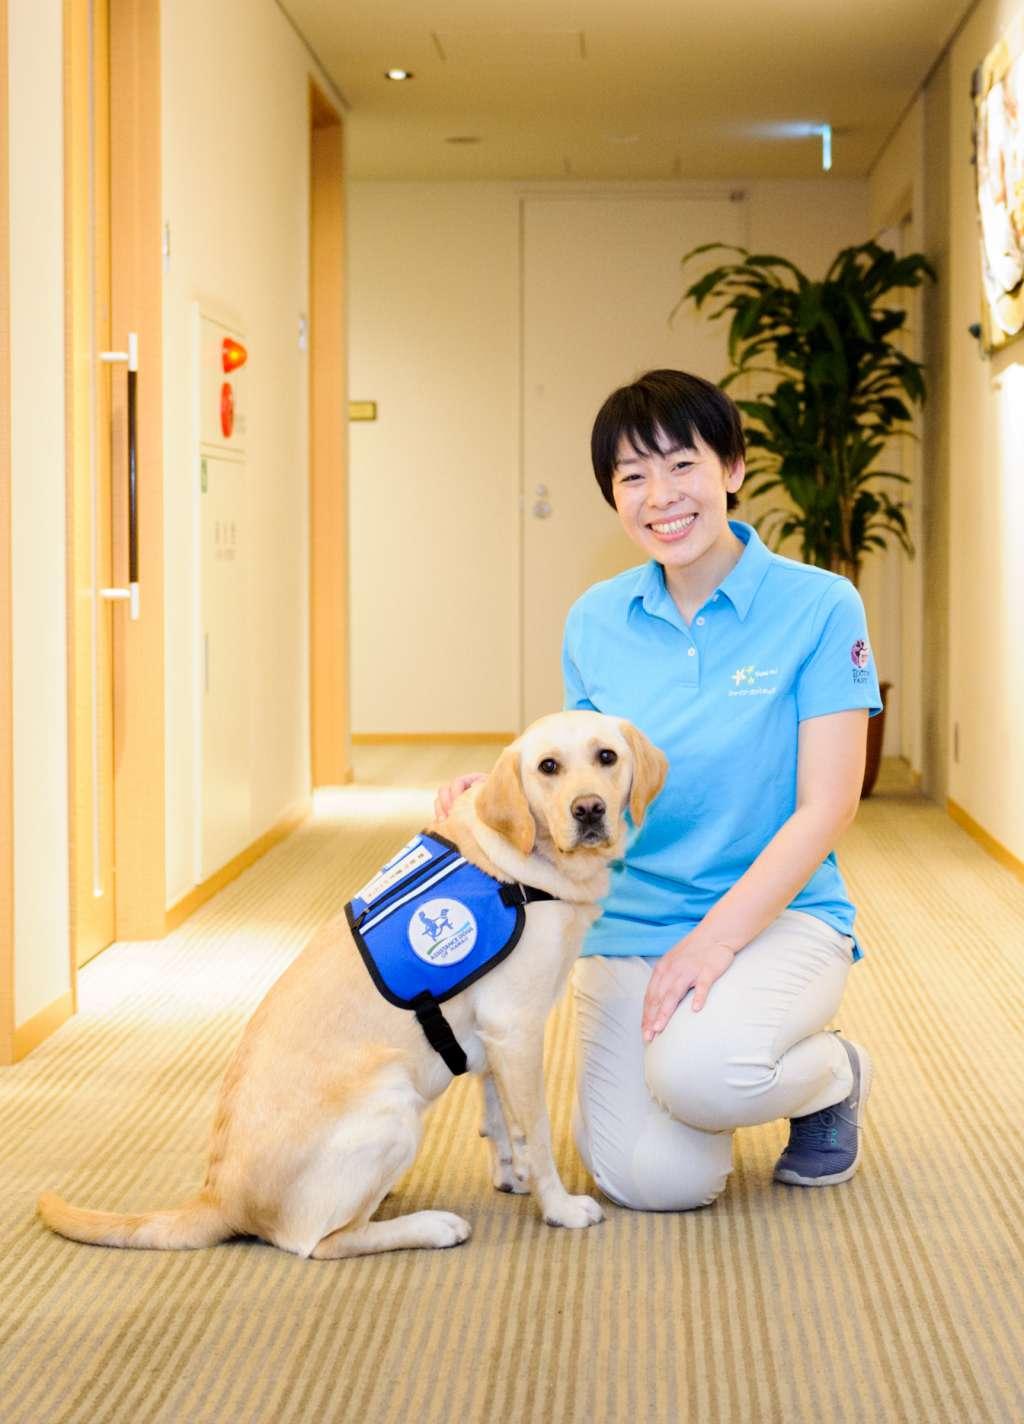 都内初のファシリティドッグ導入、東京都立小児総合医療センターでの開始について